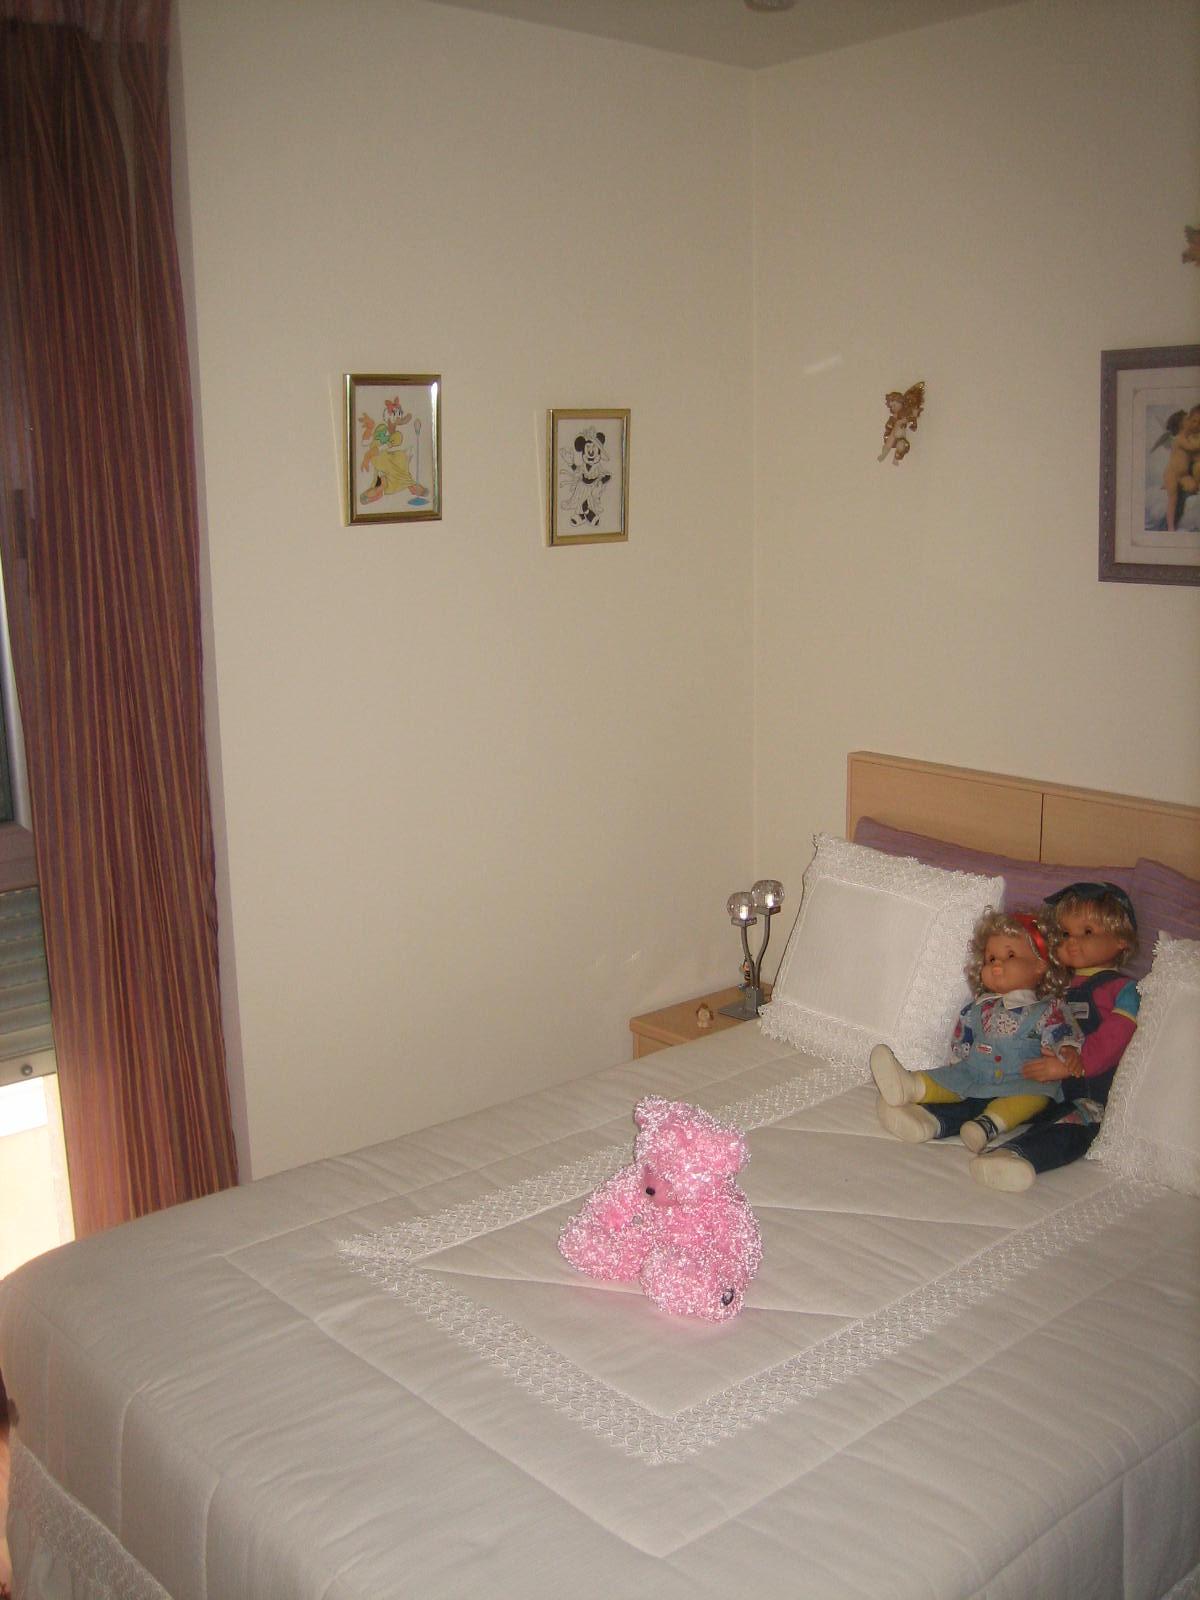 Dormitorio invitados inmobiliaria traviesasinmobiliaria for Dormitorio invitados